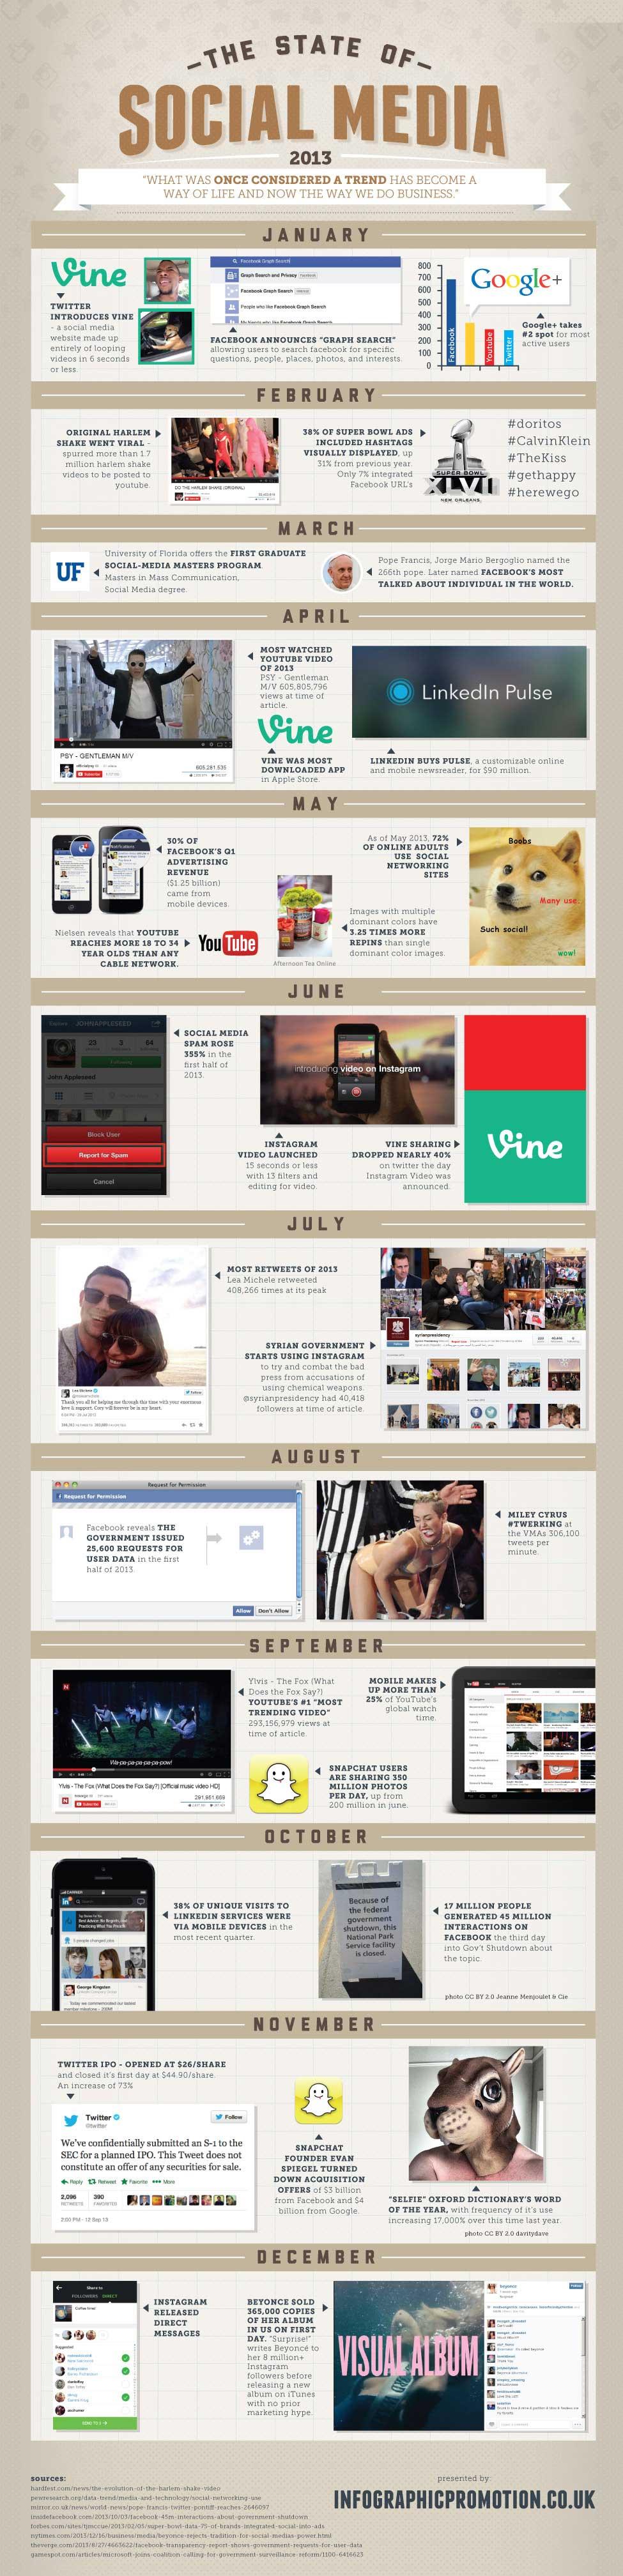 Infographic - Social Media In 2013